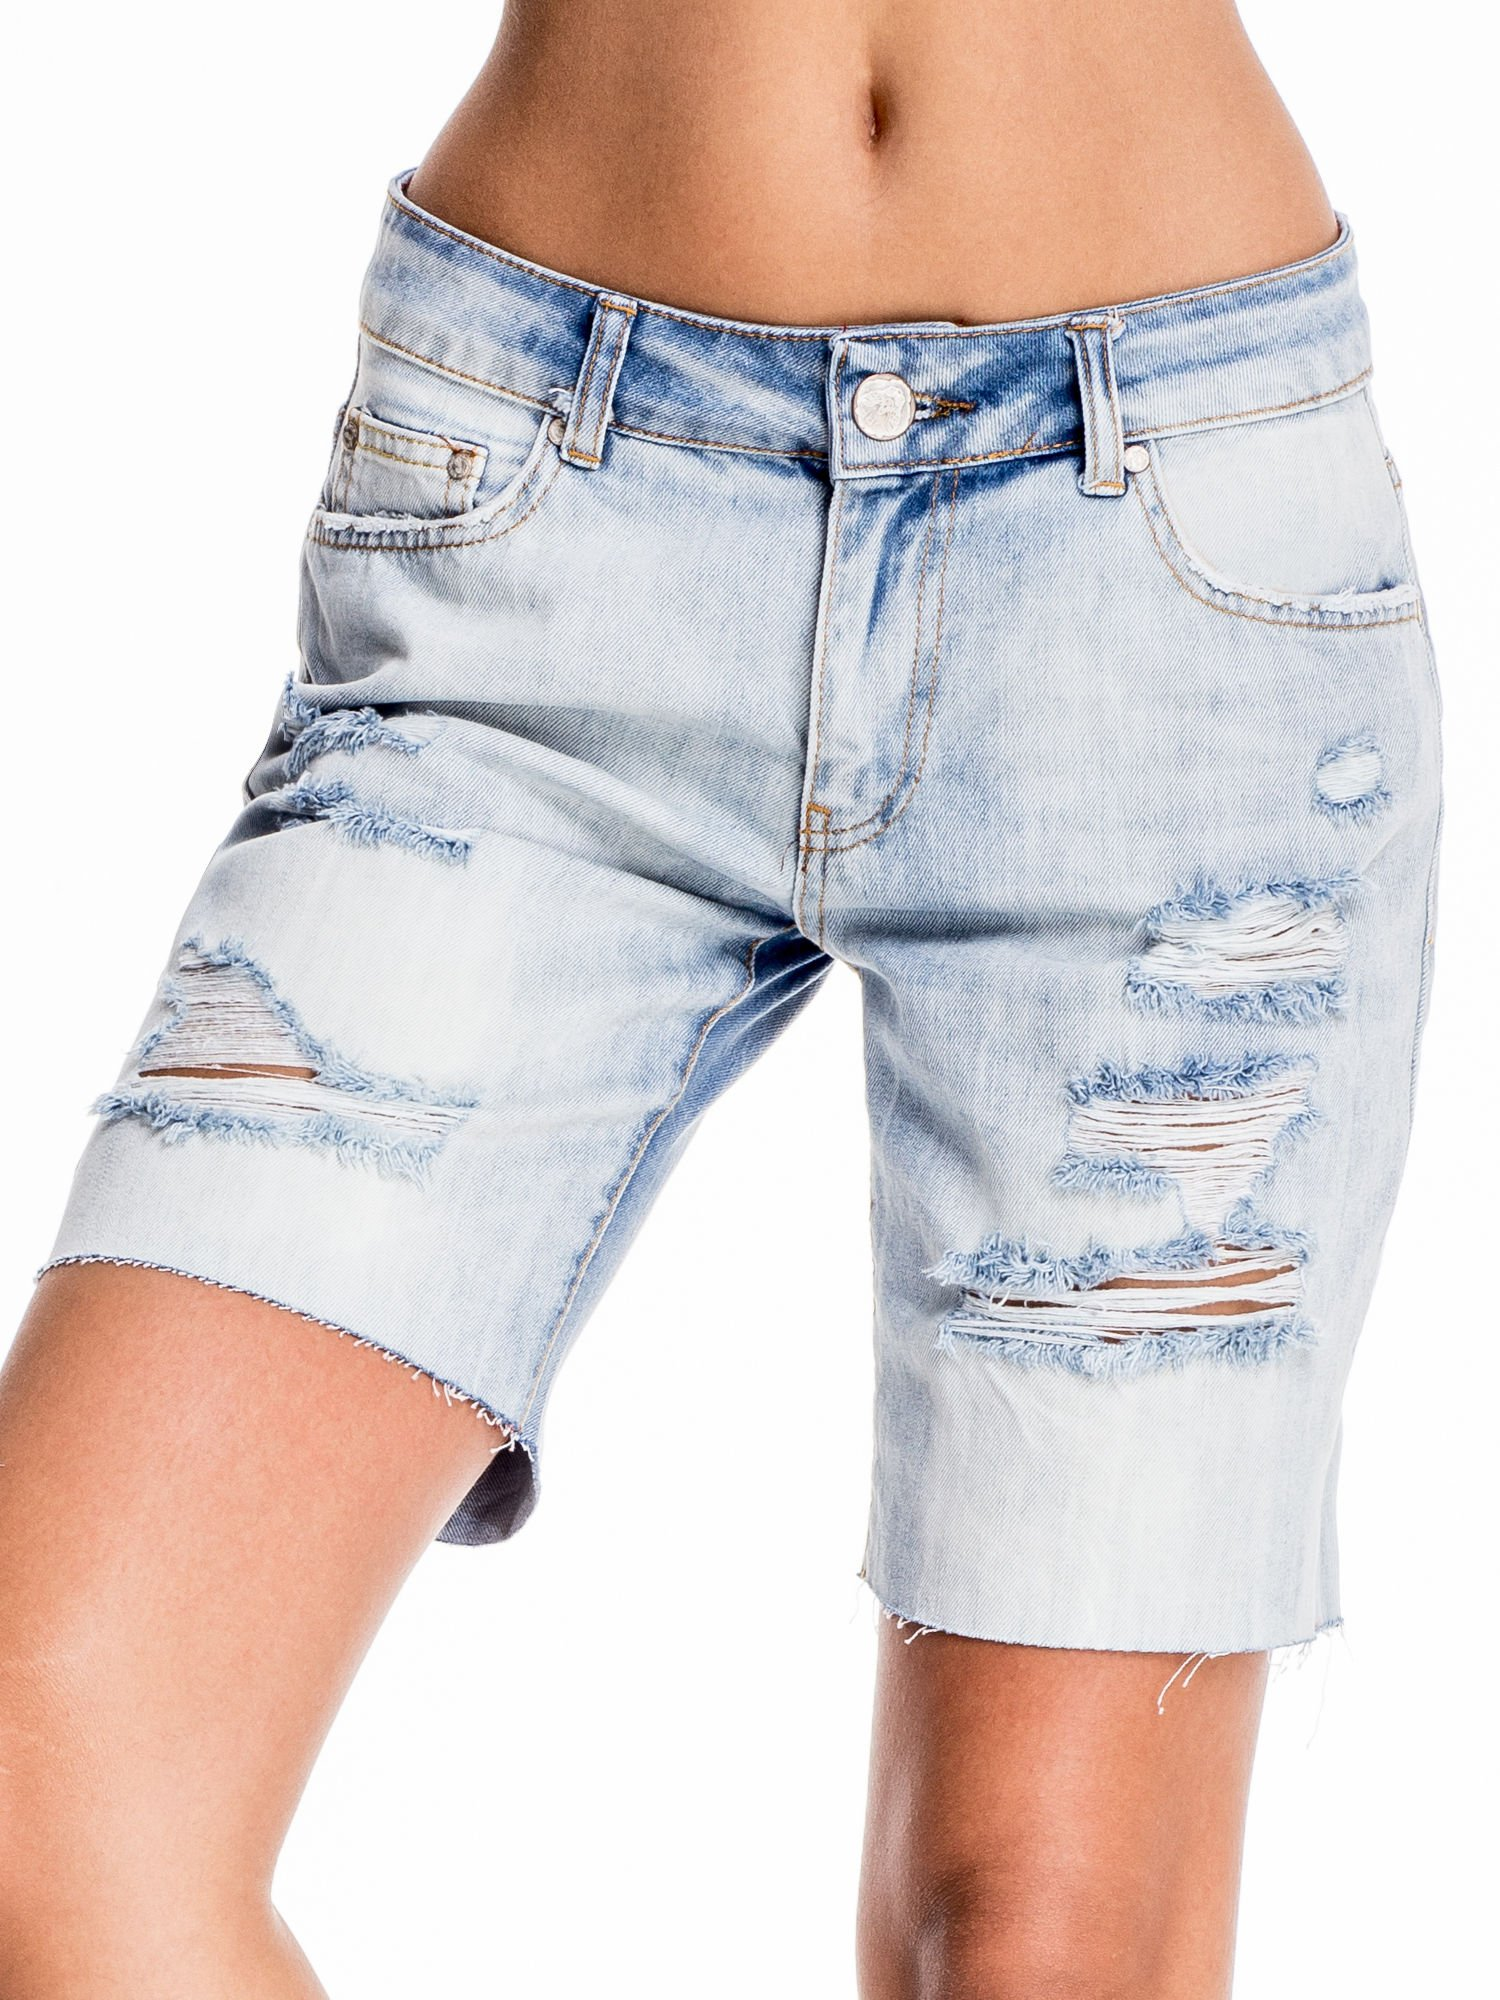 Niebieskie jeansowe szorty a'la bermudy                                  zdj.                                  1